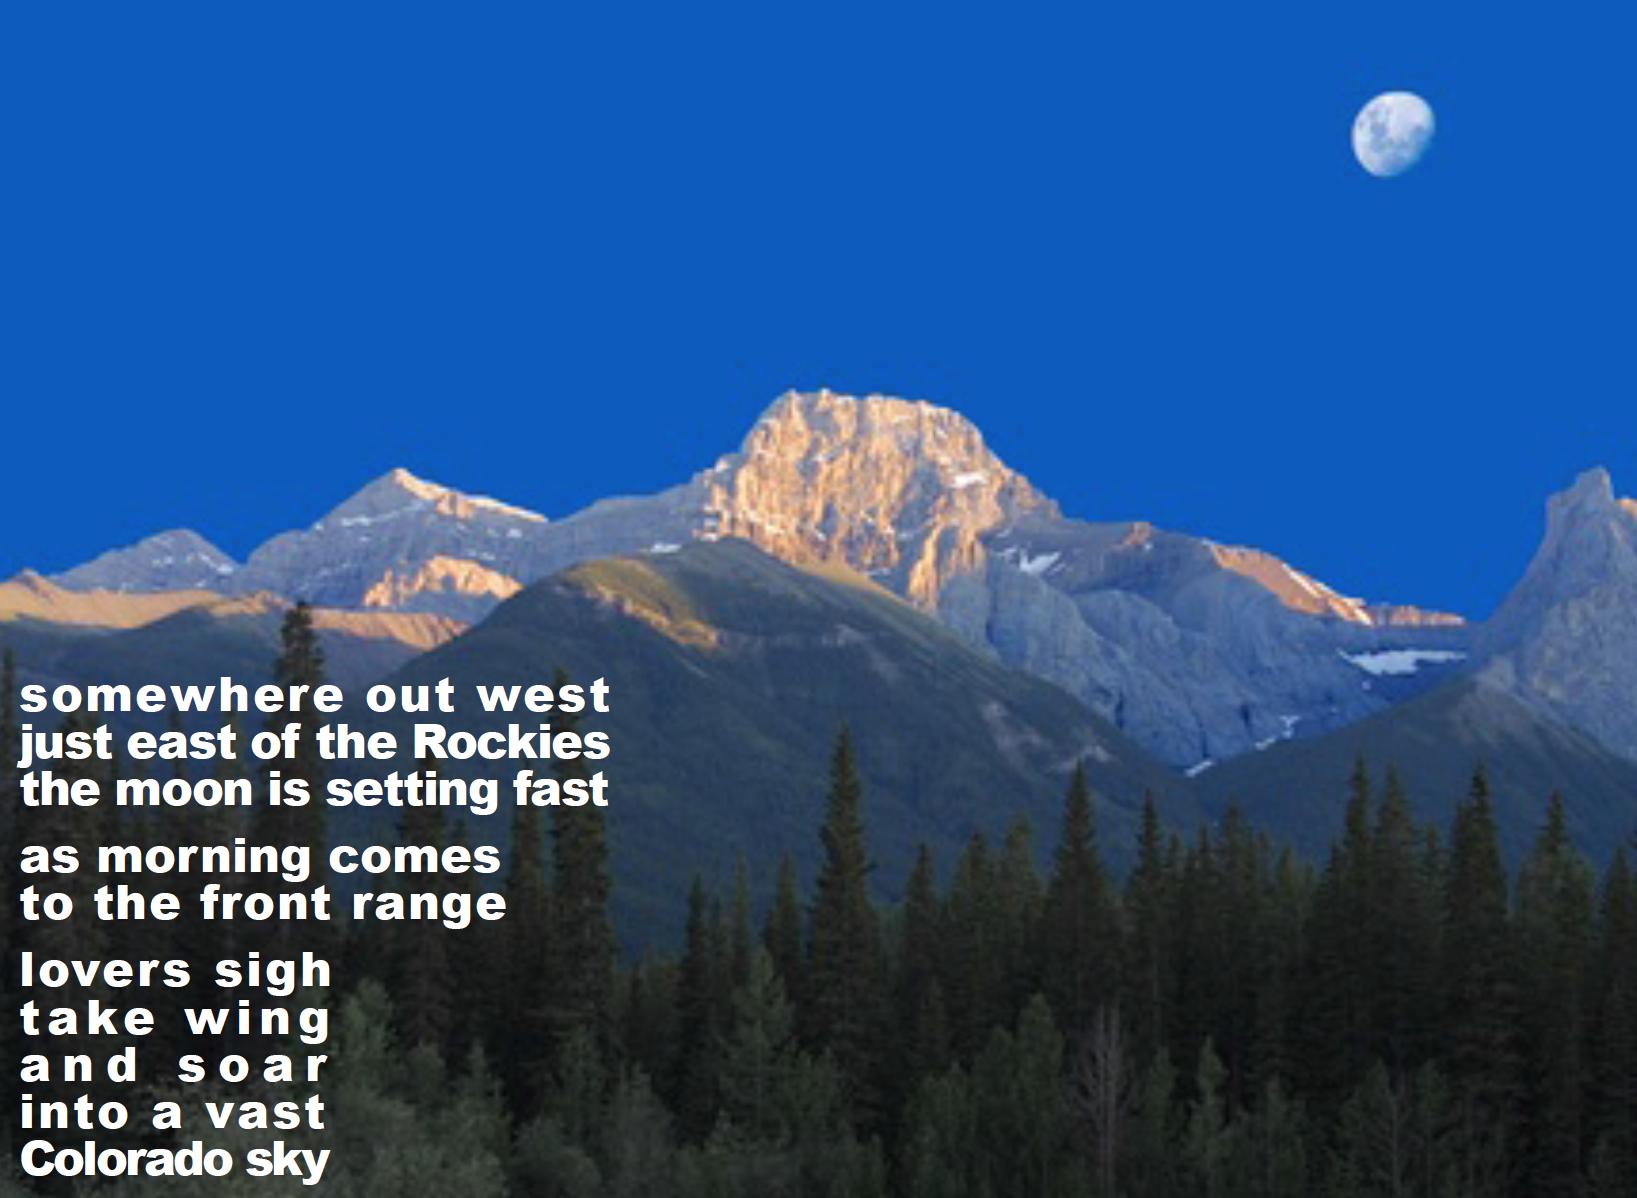 18 Colorado sky